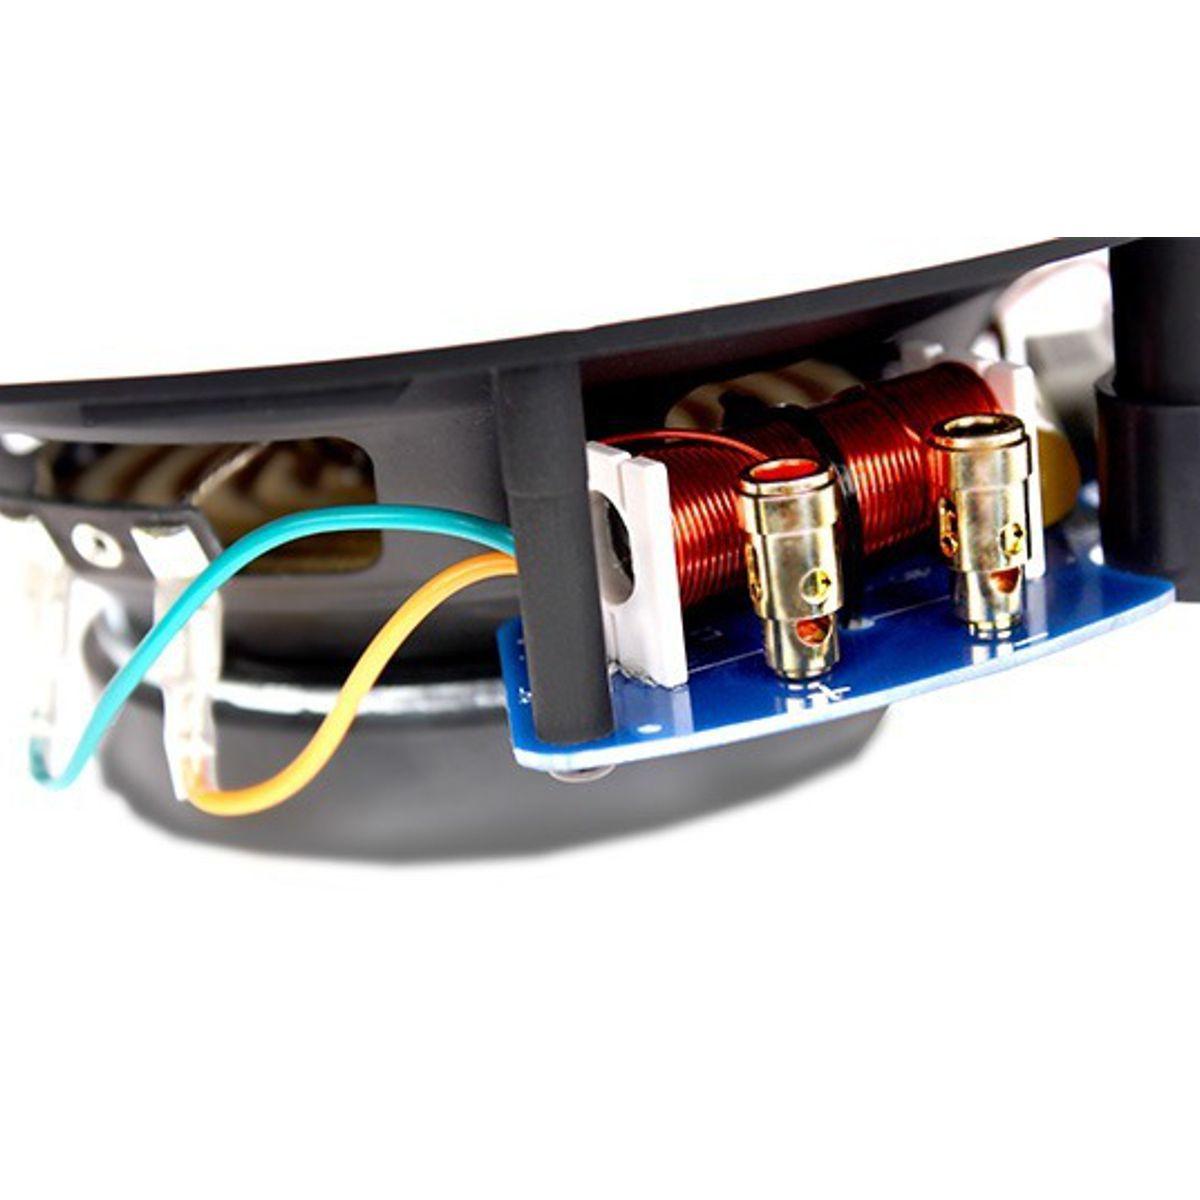 Kit 5.1 Caixa de Embutir no Gesso NQ6-A100 + NQ6-M100 + Subwoofer Compact Cube 8 AAT